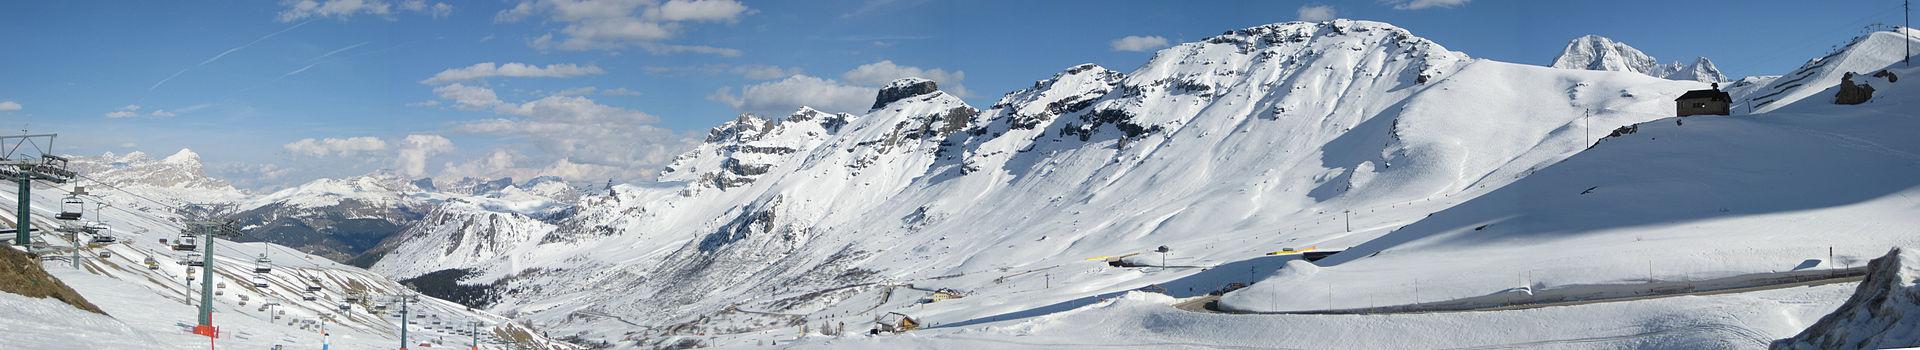 Passo Pordoi nevado